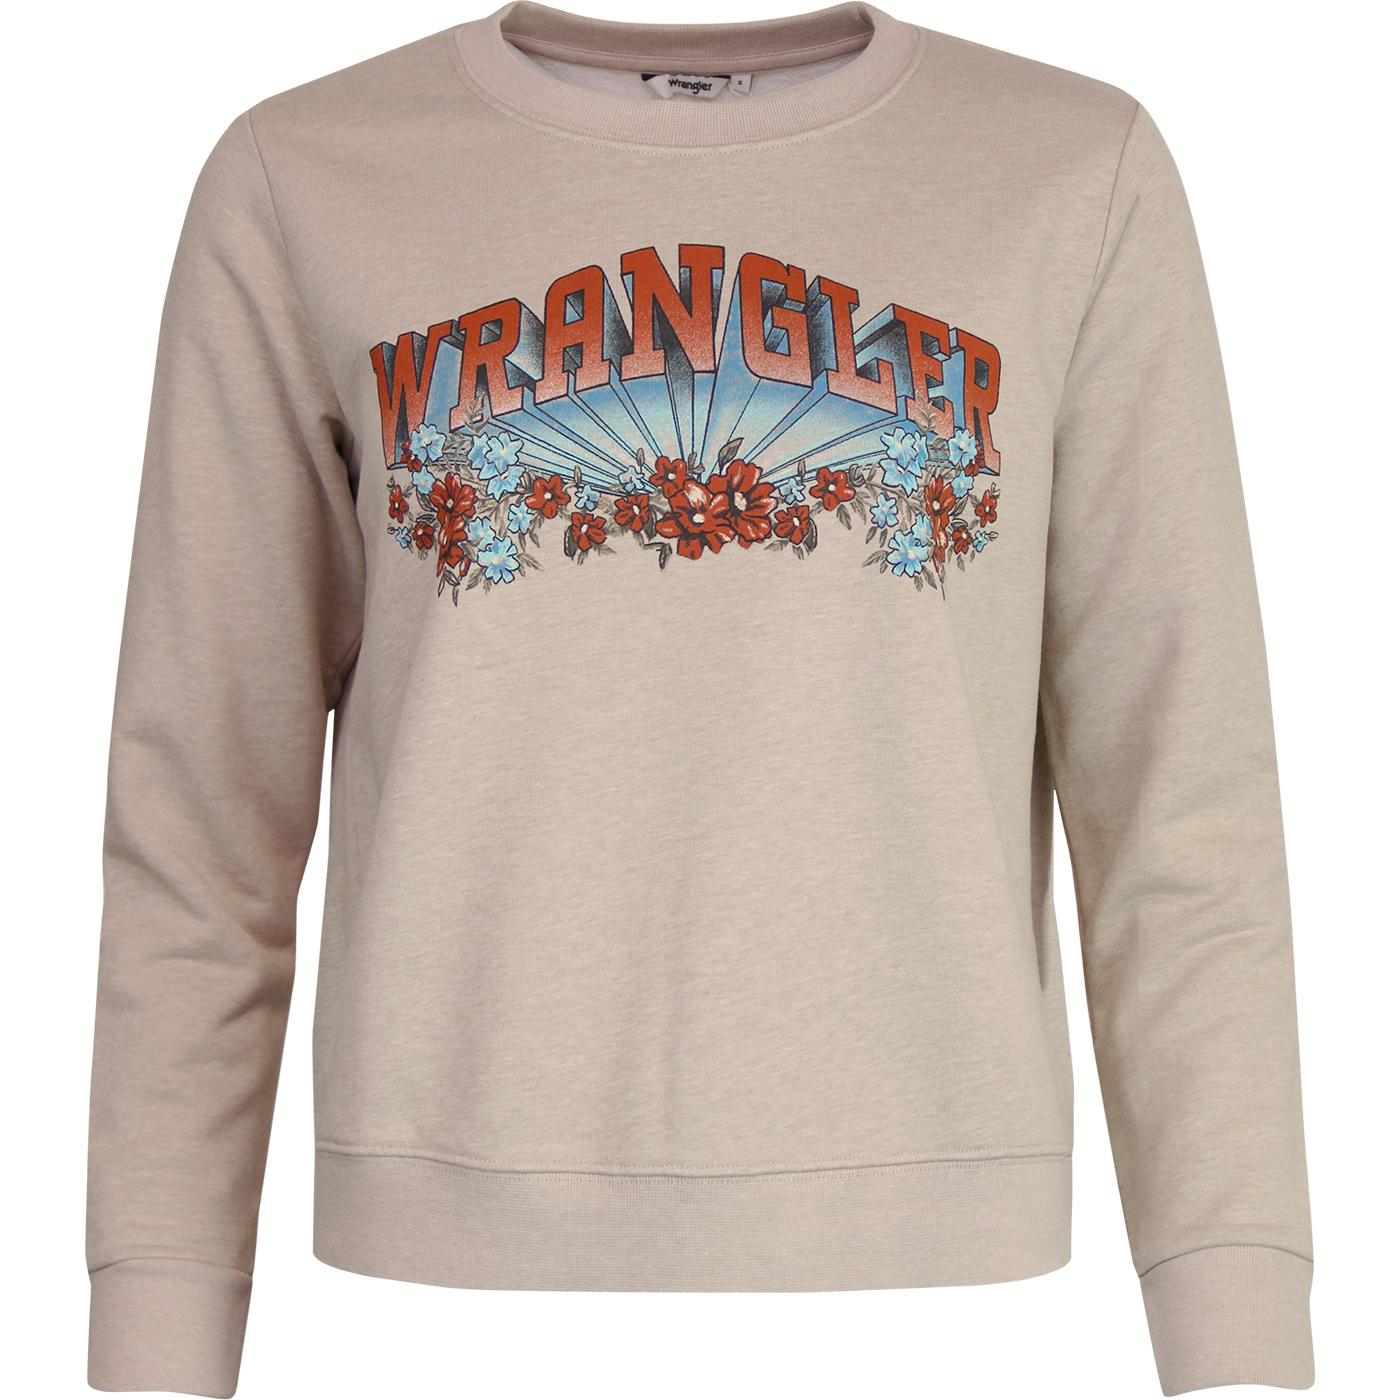 WRANGLER Women's Retro 1970s Floral 3D Sweatshirt